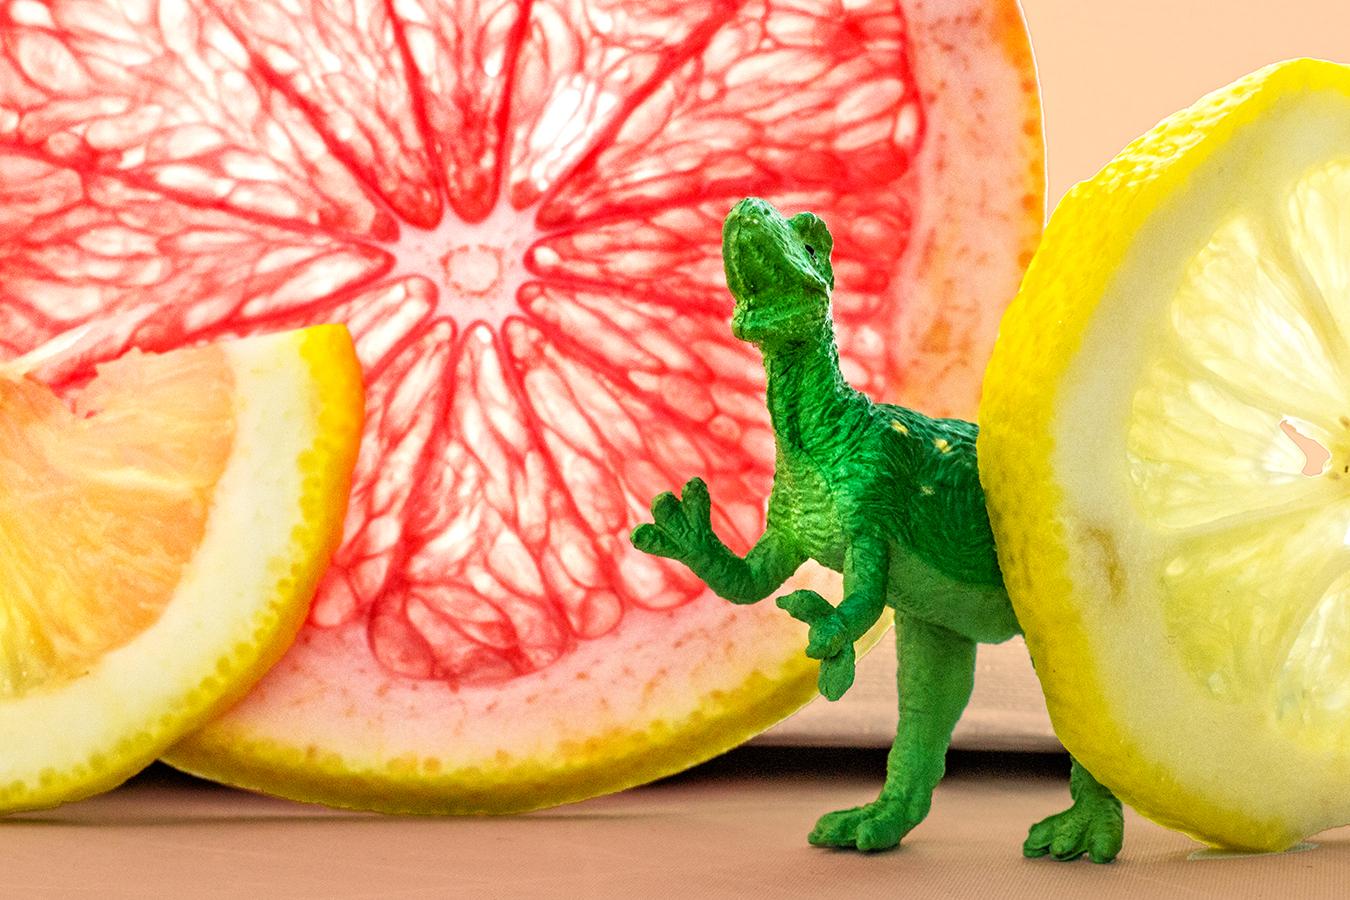 Victoria_Meng_Project2_Dinosaur_Orange_Lemon_Grapefruit_Marco_Colorful_Citrus_TRex_Roar